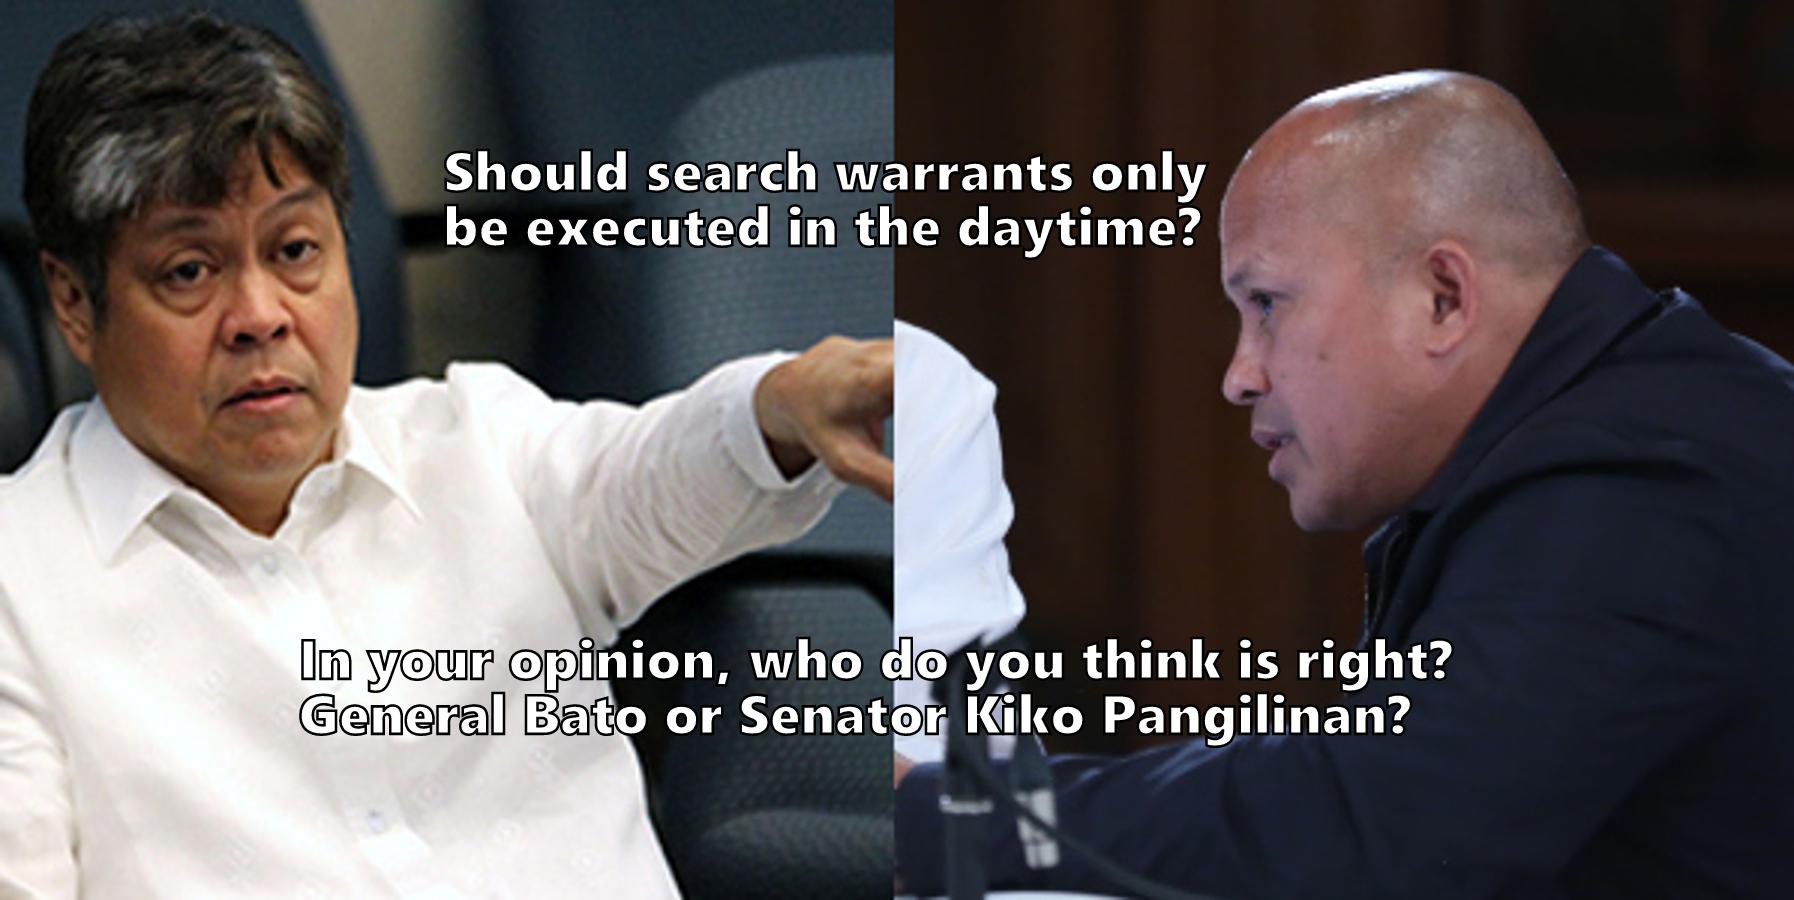 Sen. Kiko Vs Gen. Bato on Legal Basis to serve search warrant